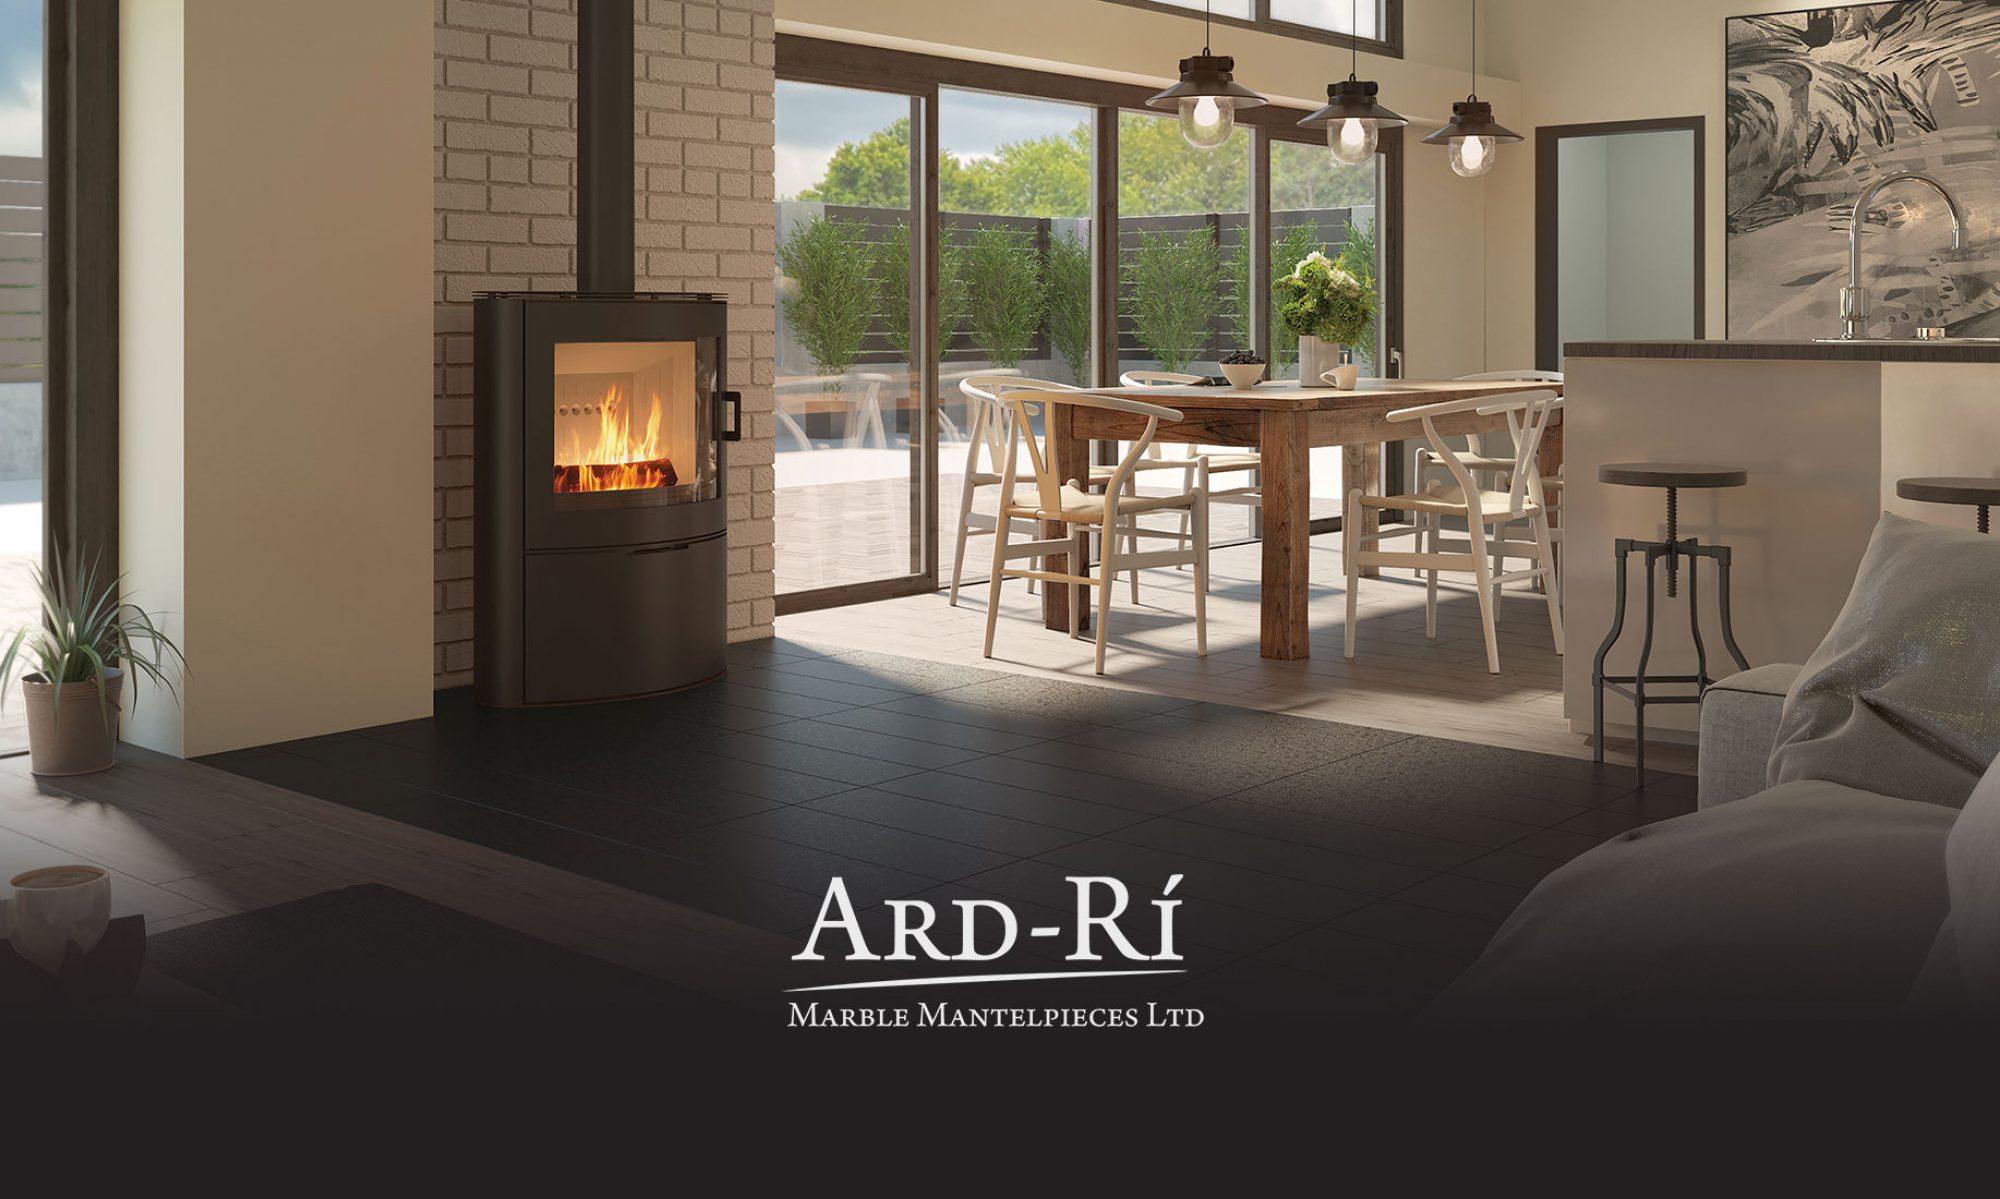 Ardri Marble